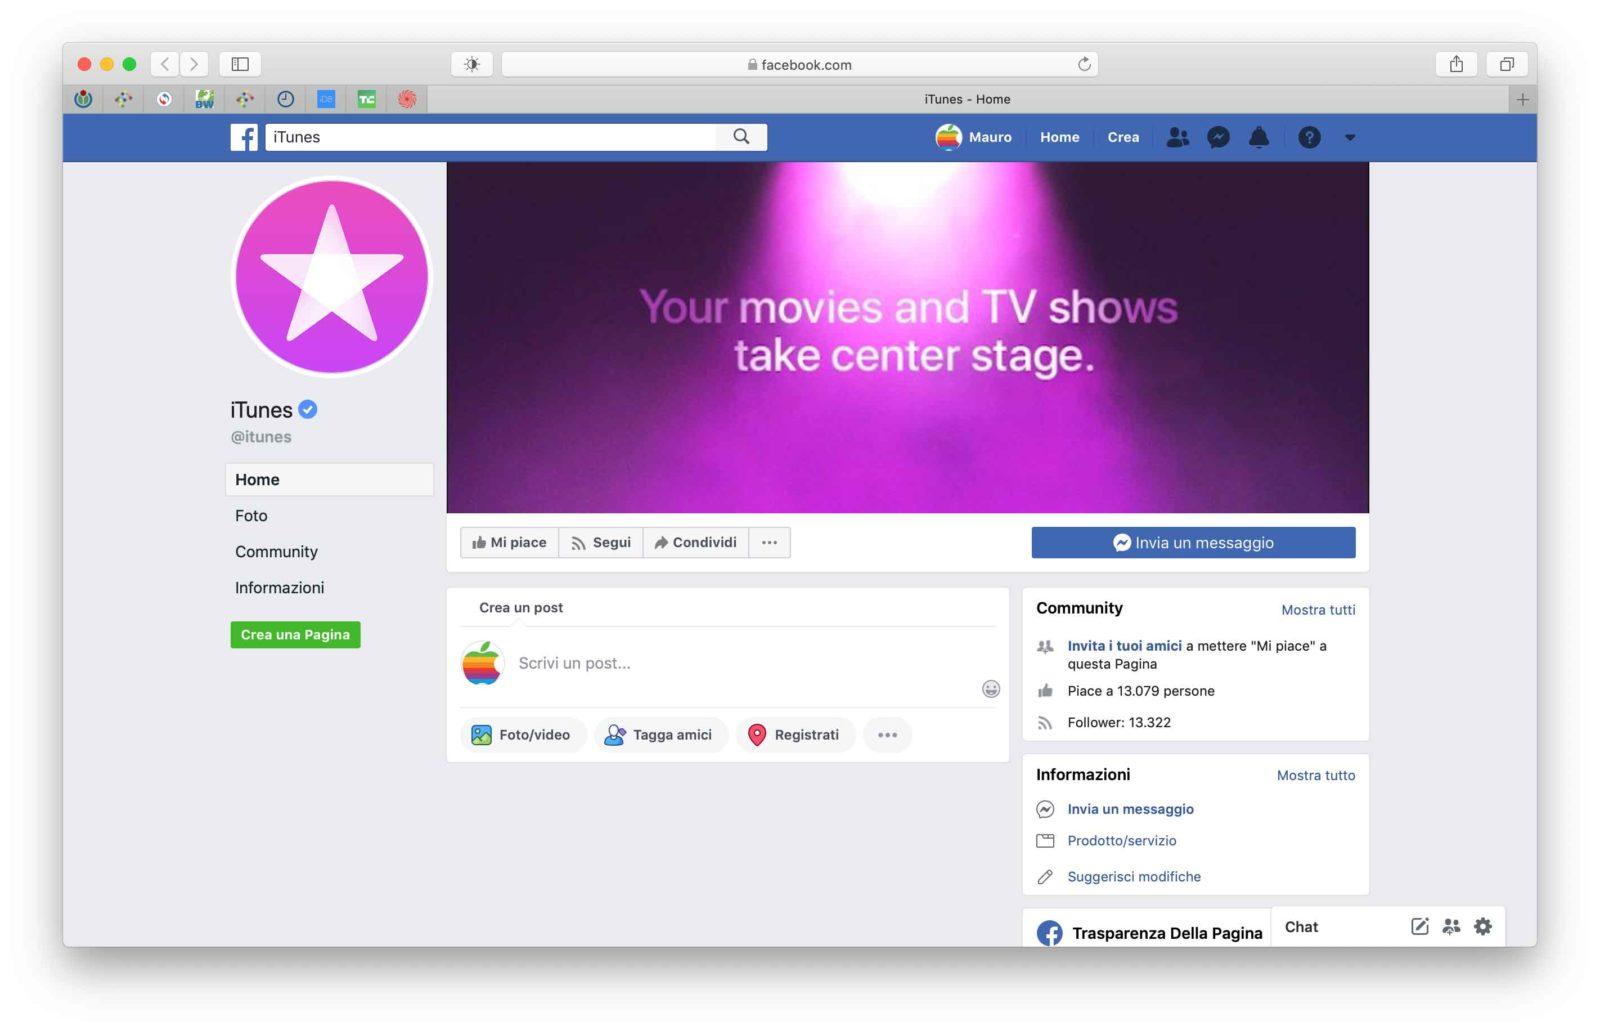 Nuovi chiodi nella bara di iTunes: eliminate le sezioni social su Facebook e Instagram